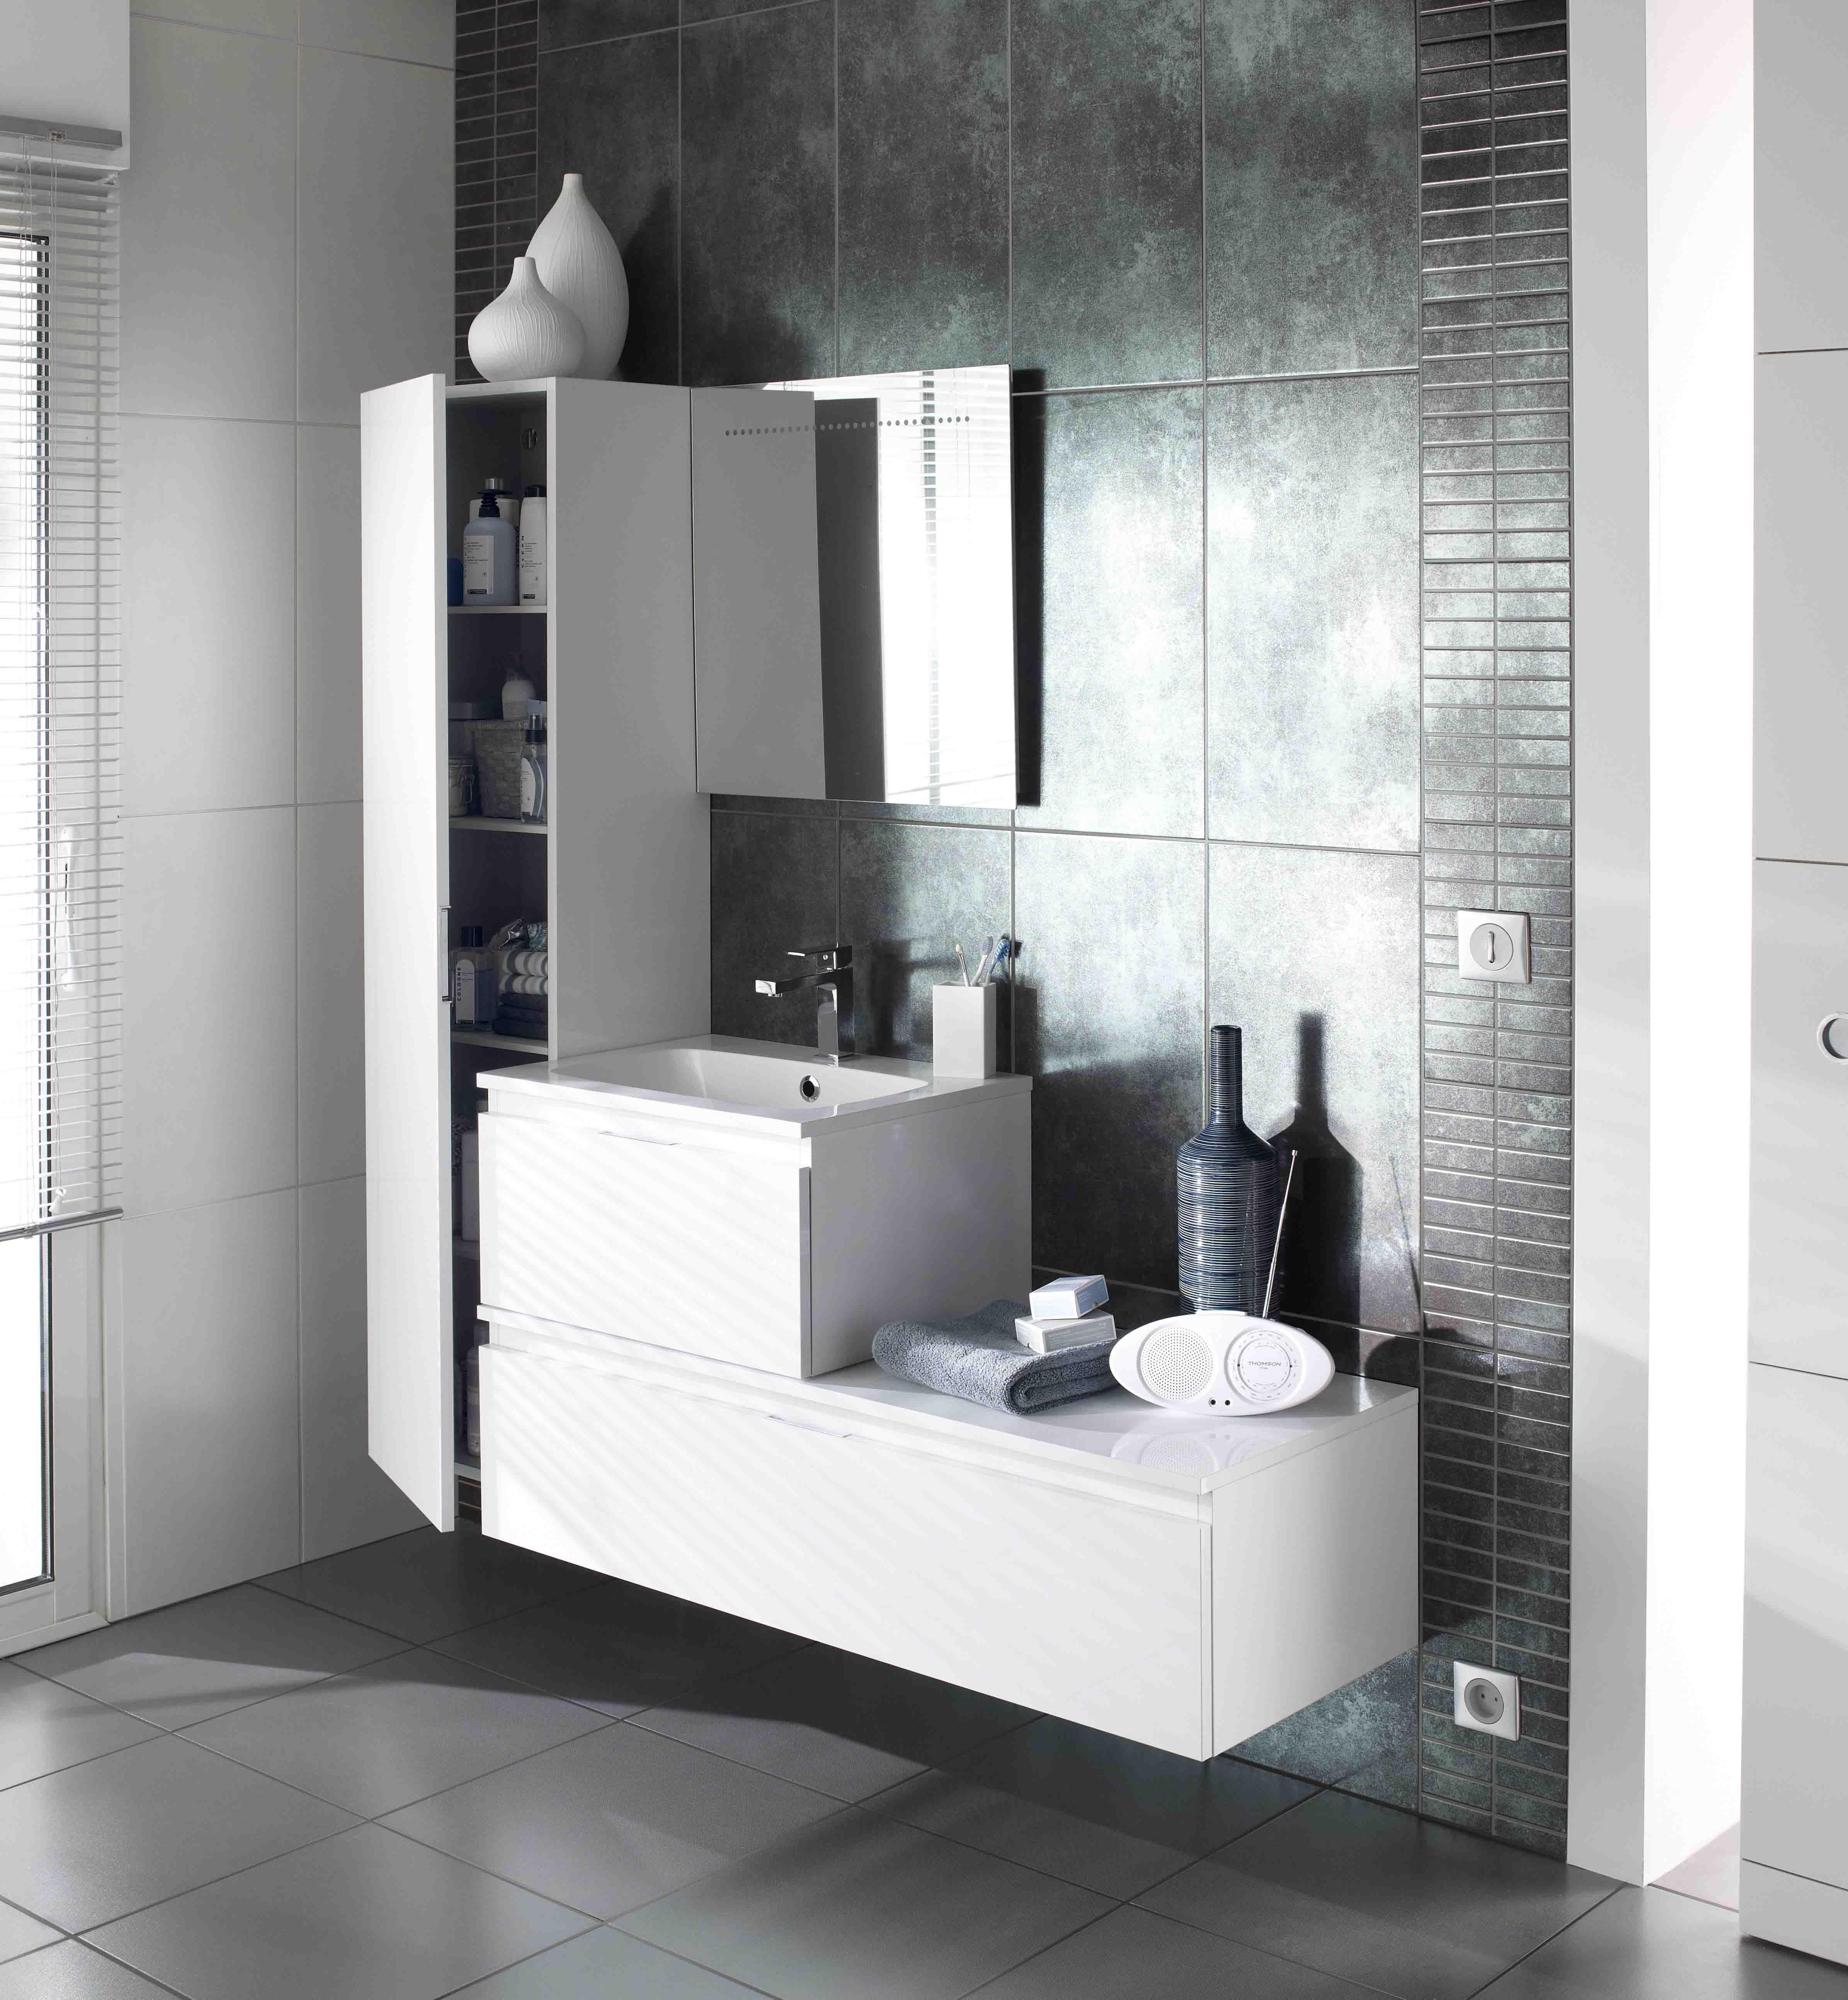 meuble contemporain modele evasion http www lapeyre fr bains